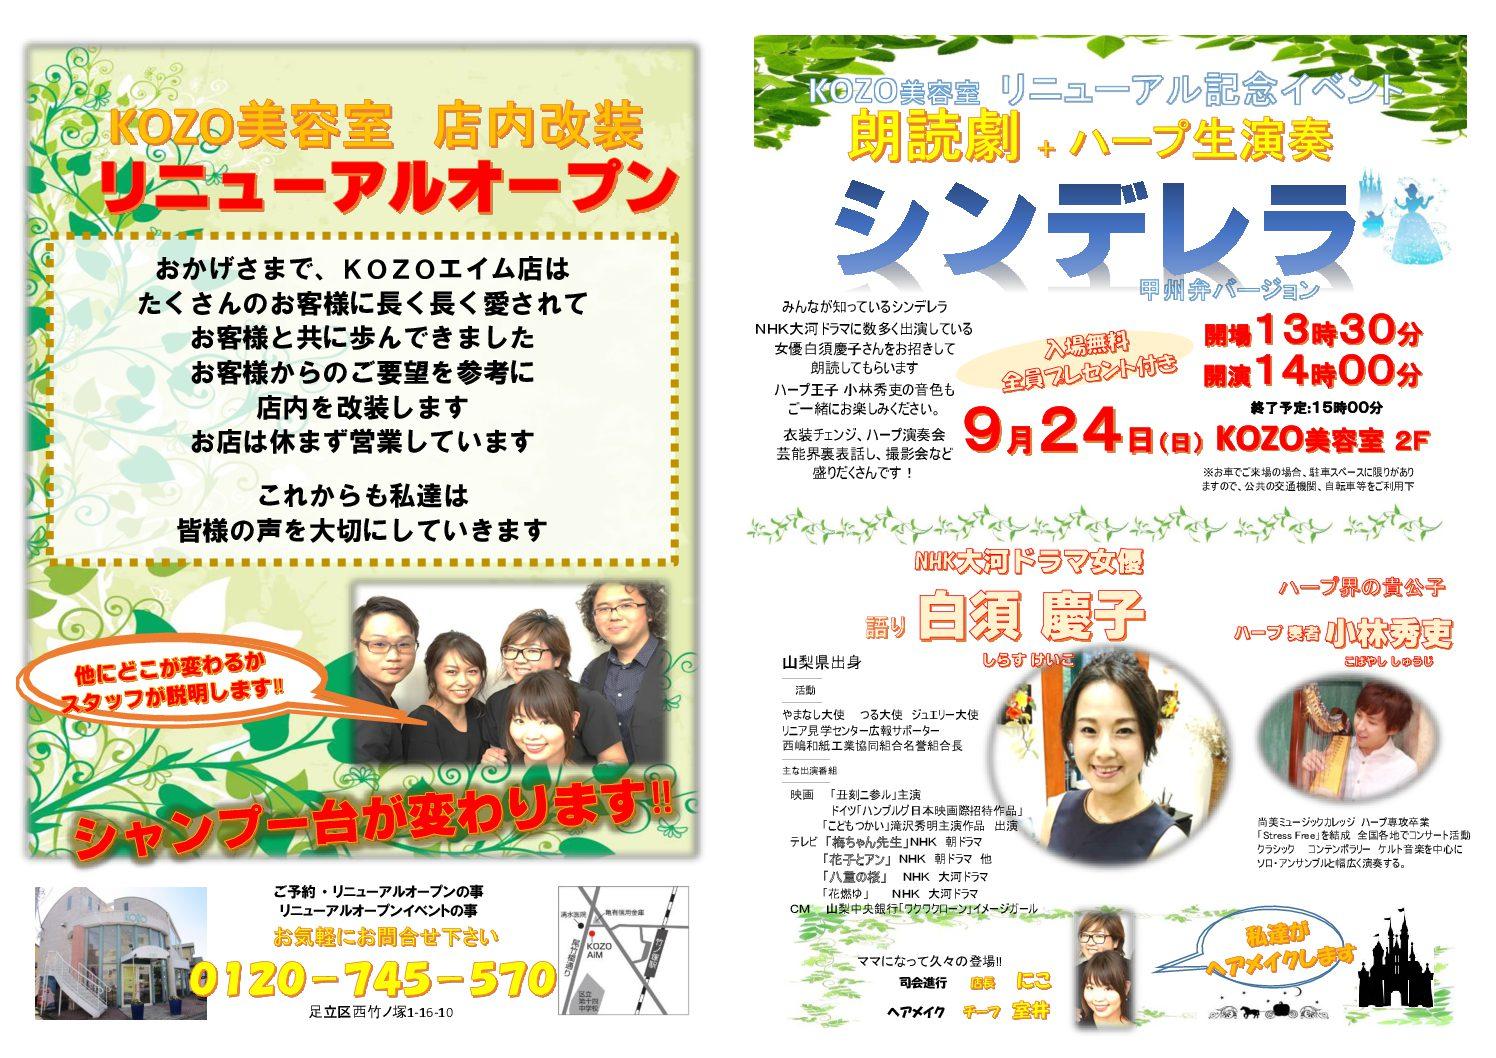 KOZO AiM内装リニューアル記念イベント開催決定!